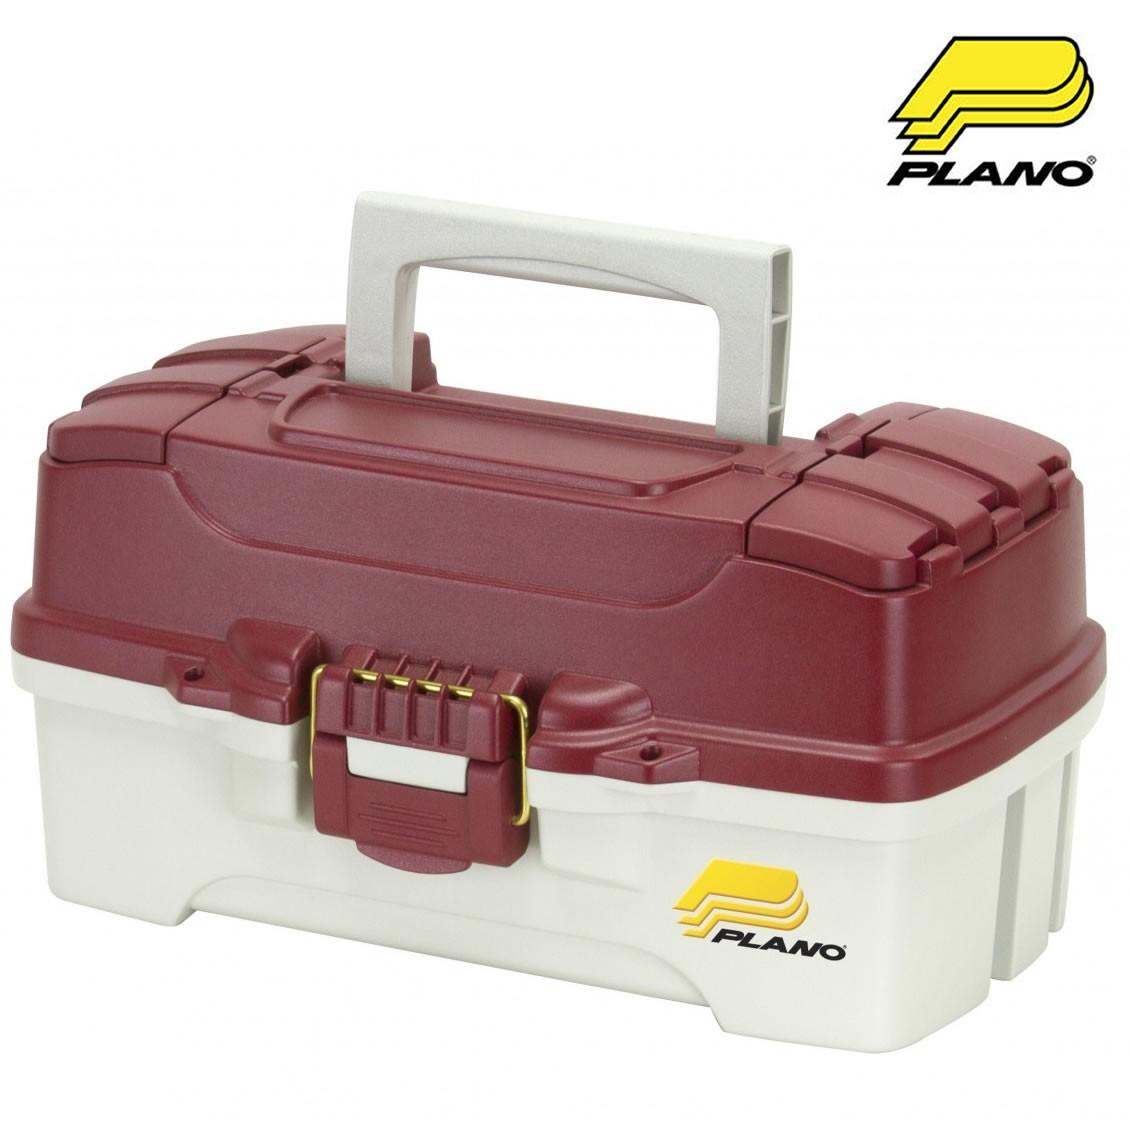 Caixa de Pesca Plano 6201-06 com 1 Bandeja e 1 Suporte para Spinner Bait